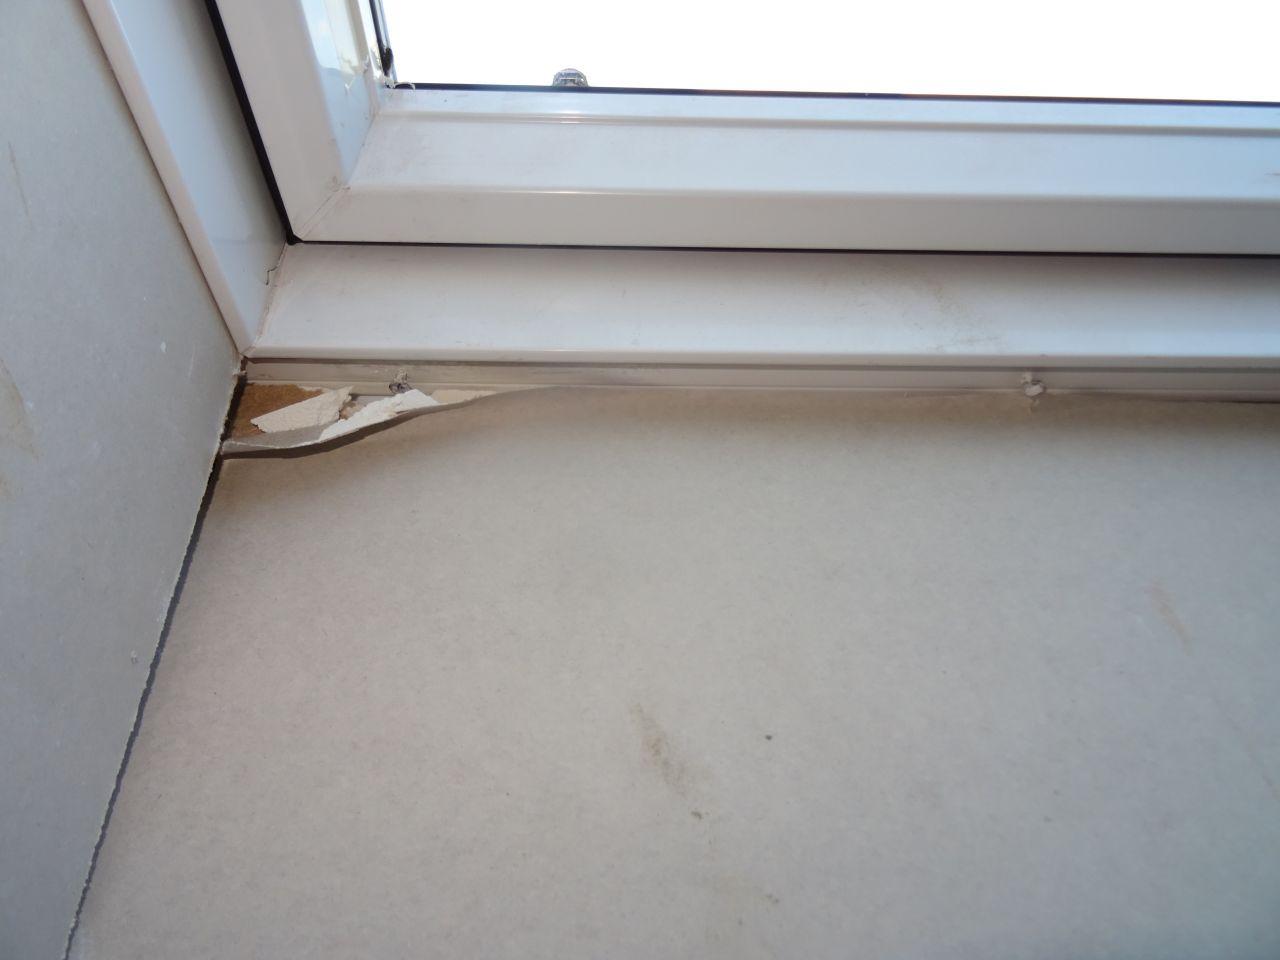 Chambre 3. Vis plantées dans le velux pour maintenir le placo et velux cassé.